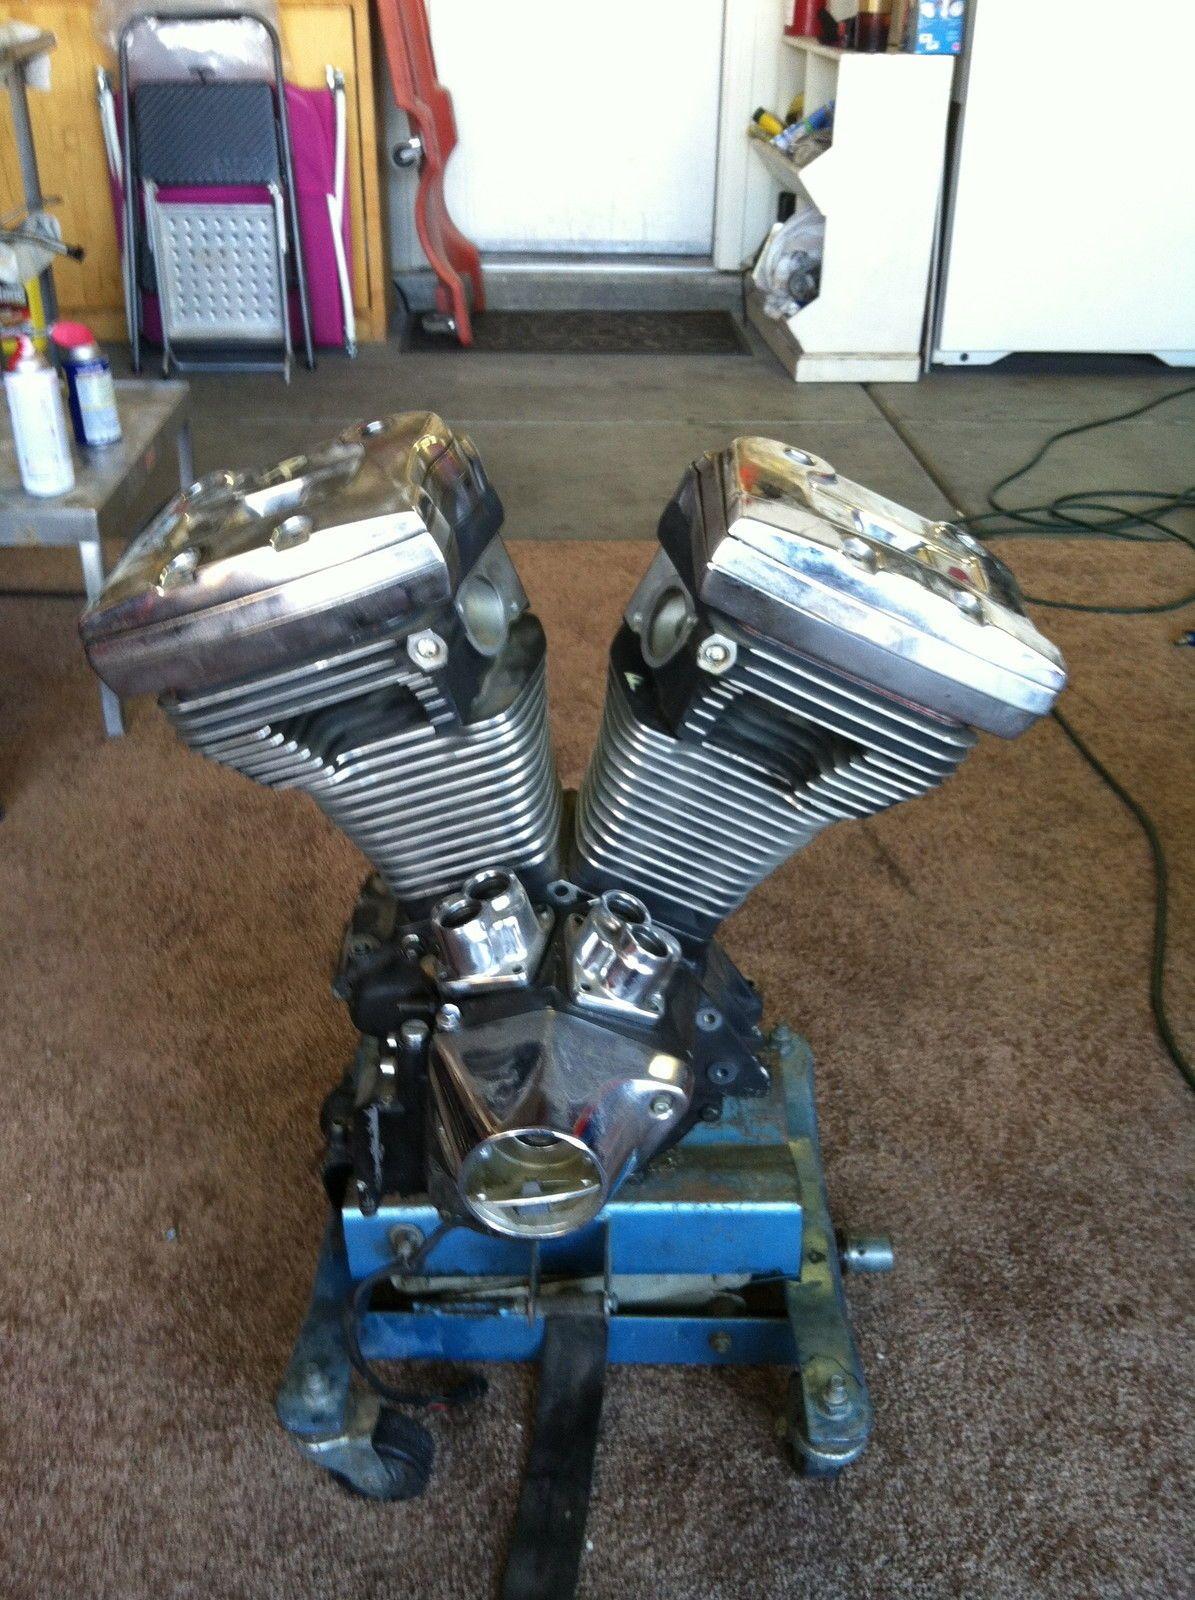 Harley Davidson Evo Motor Engine 80ci 84 99 Evolution No Reserve